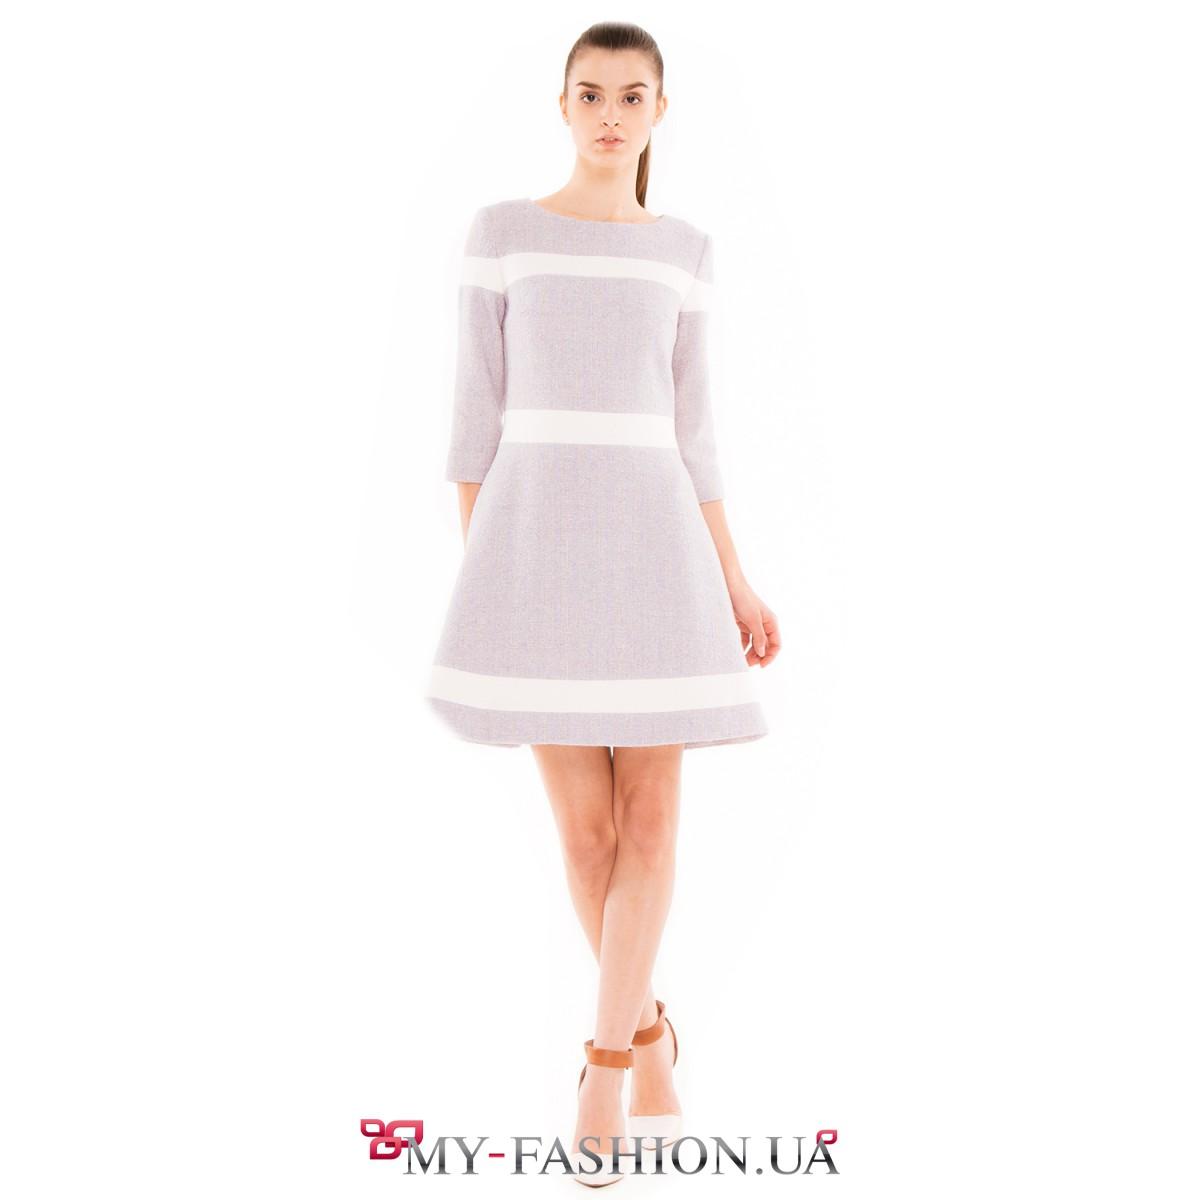 Платье светлое доставка